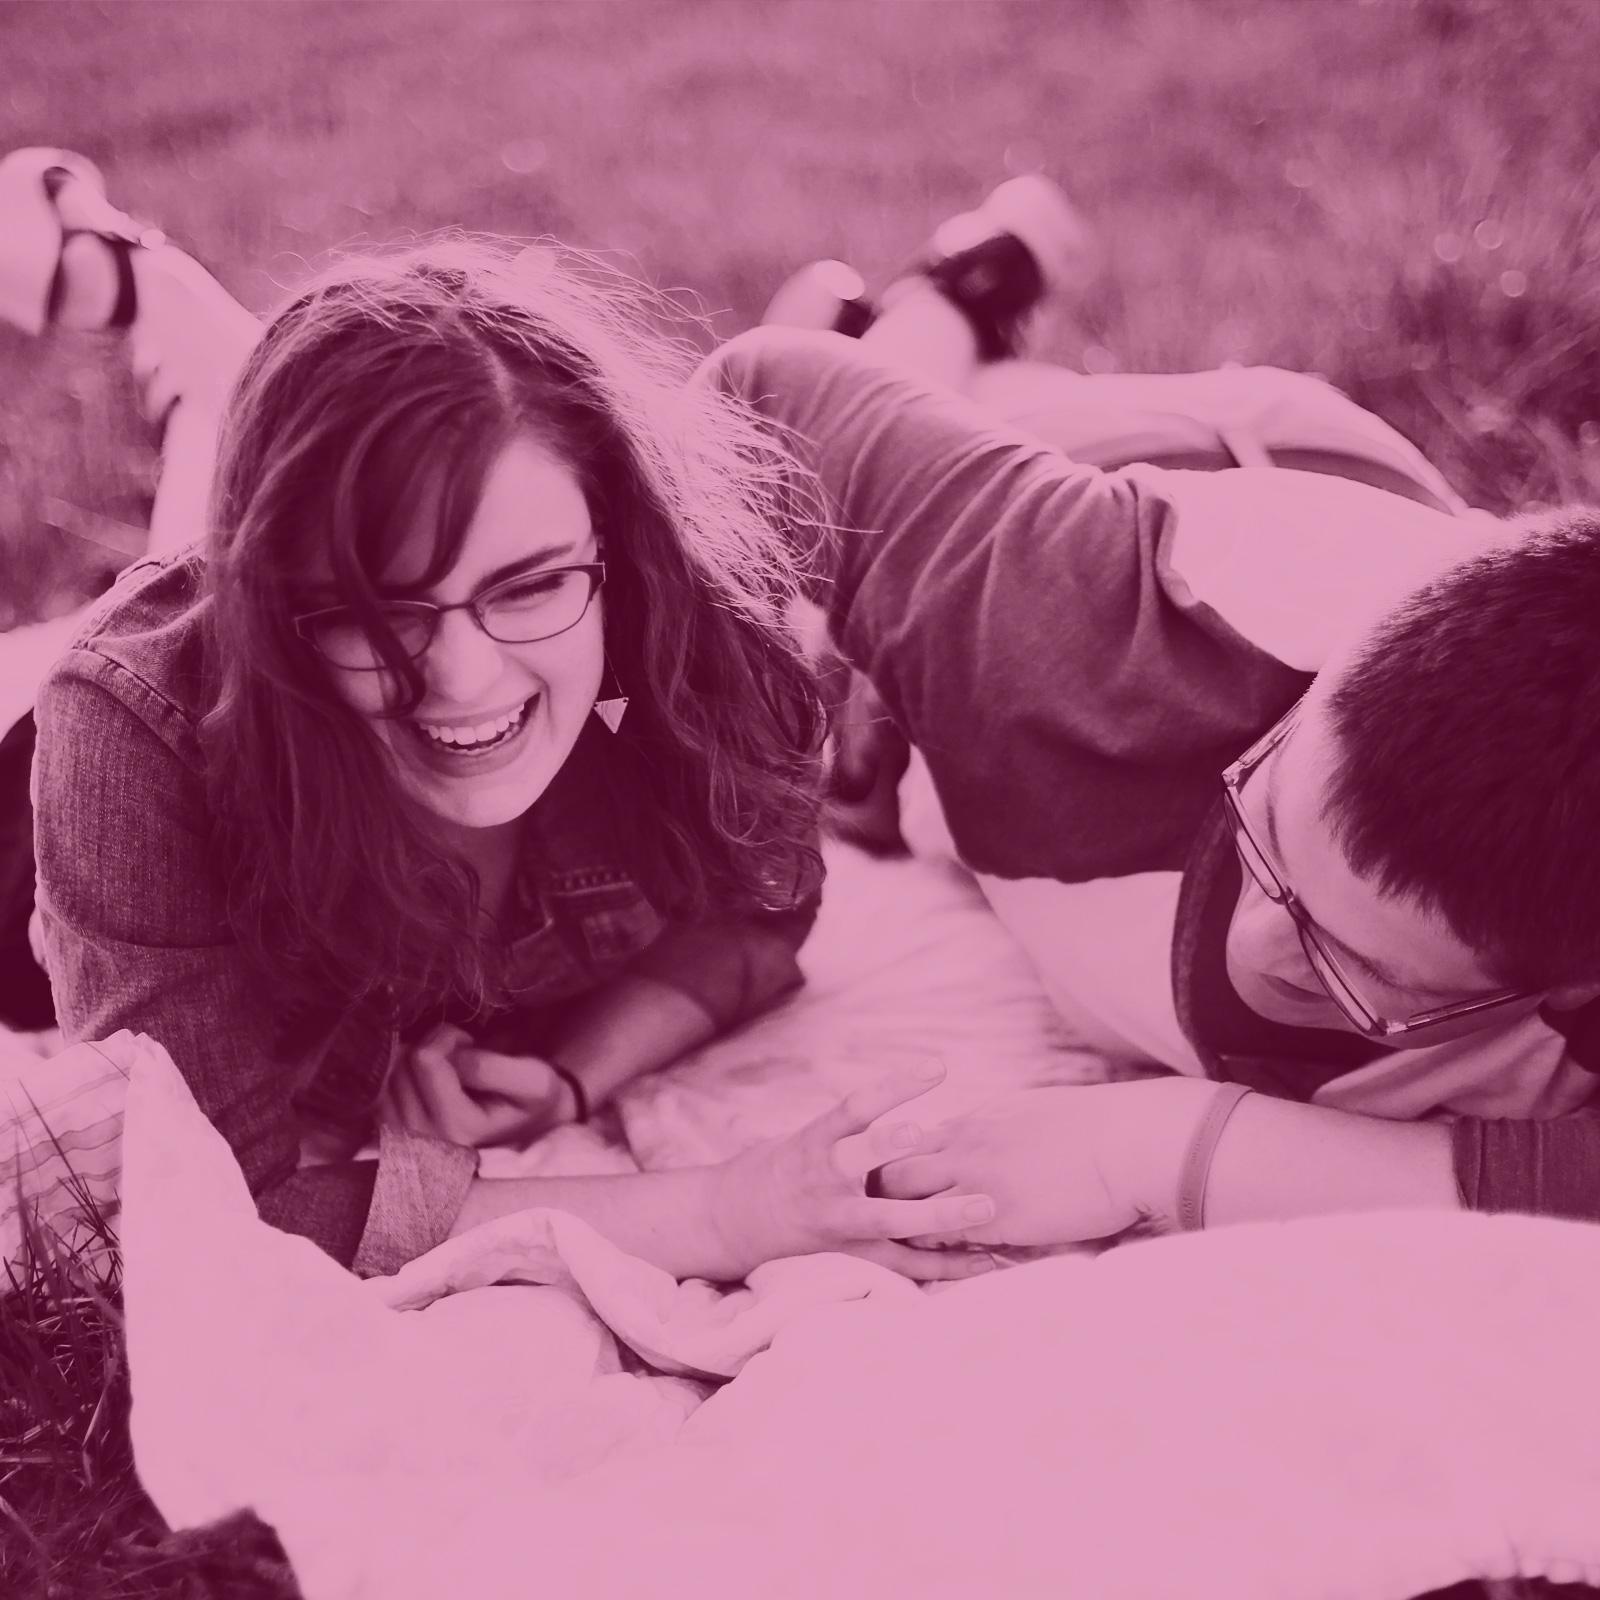 Débats entre Parents pour Communiquer avec son enfant sur sa vie intime